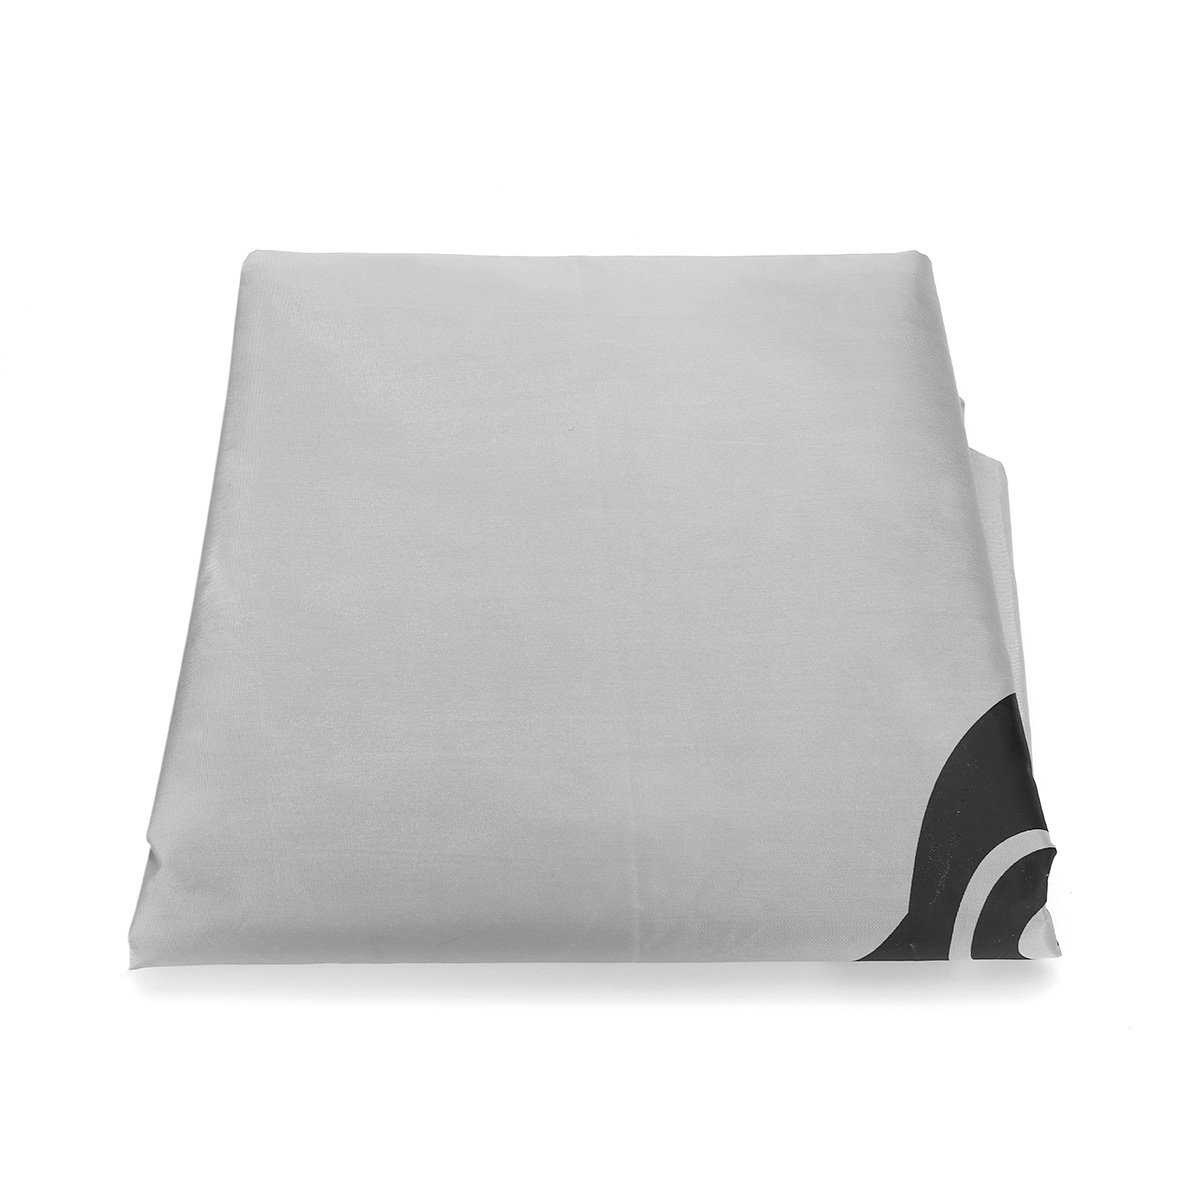 400x210 cm extérieur voiture véhicule tente voiture parapluie soleil ombre couverture Oxford tissu Polyester couvre bleu/argent sans support - 6